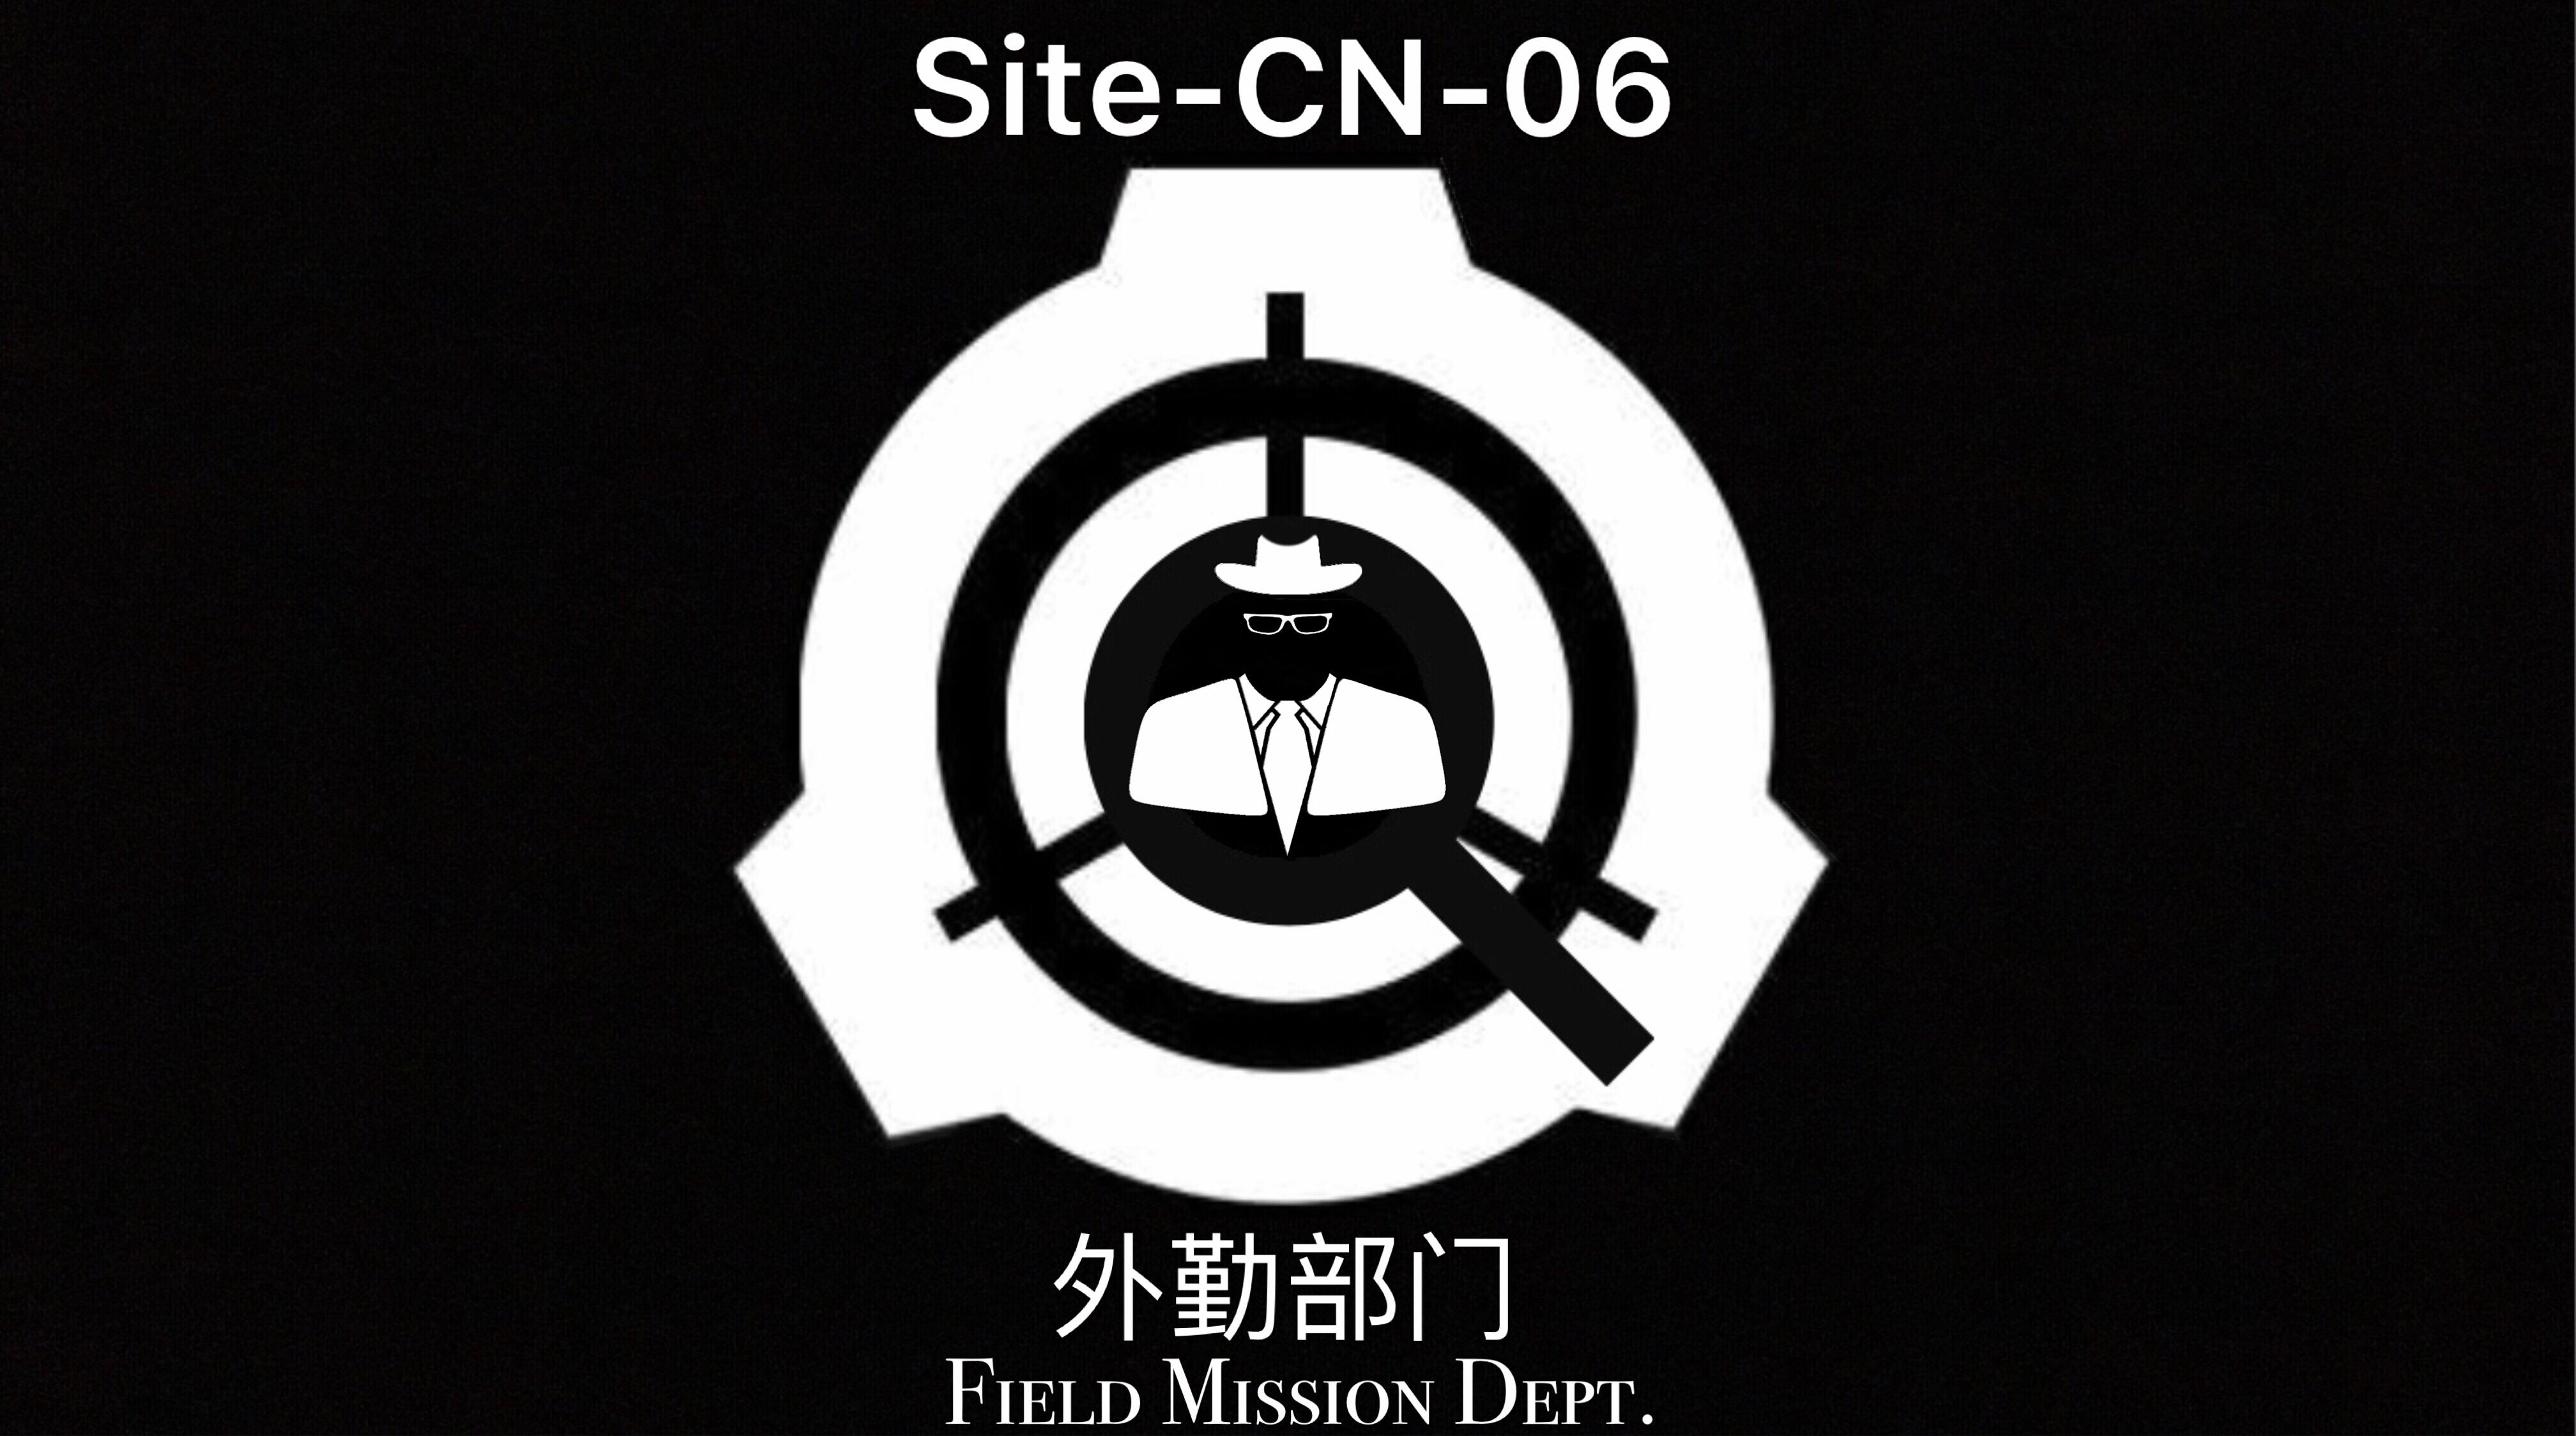 CY3yuj.jpg